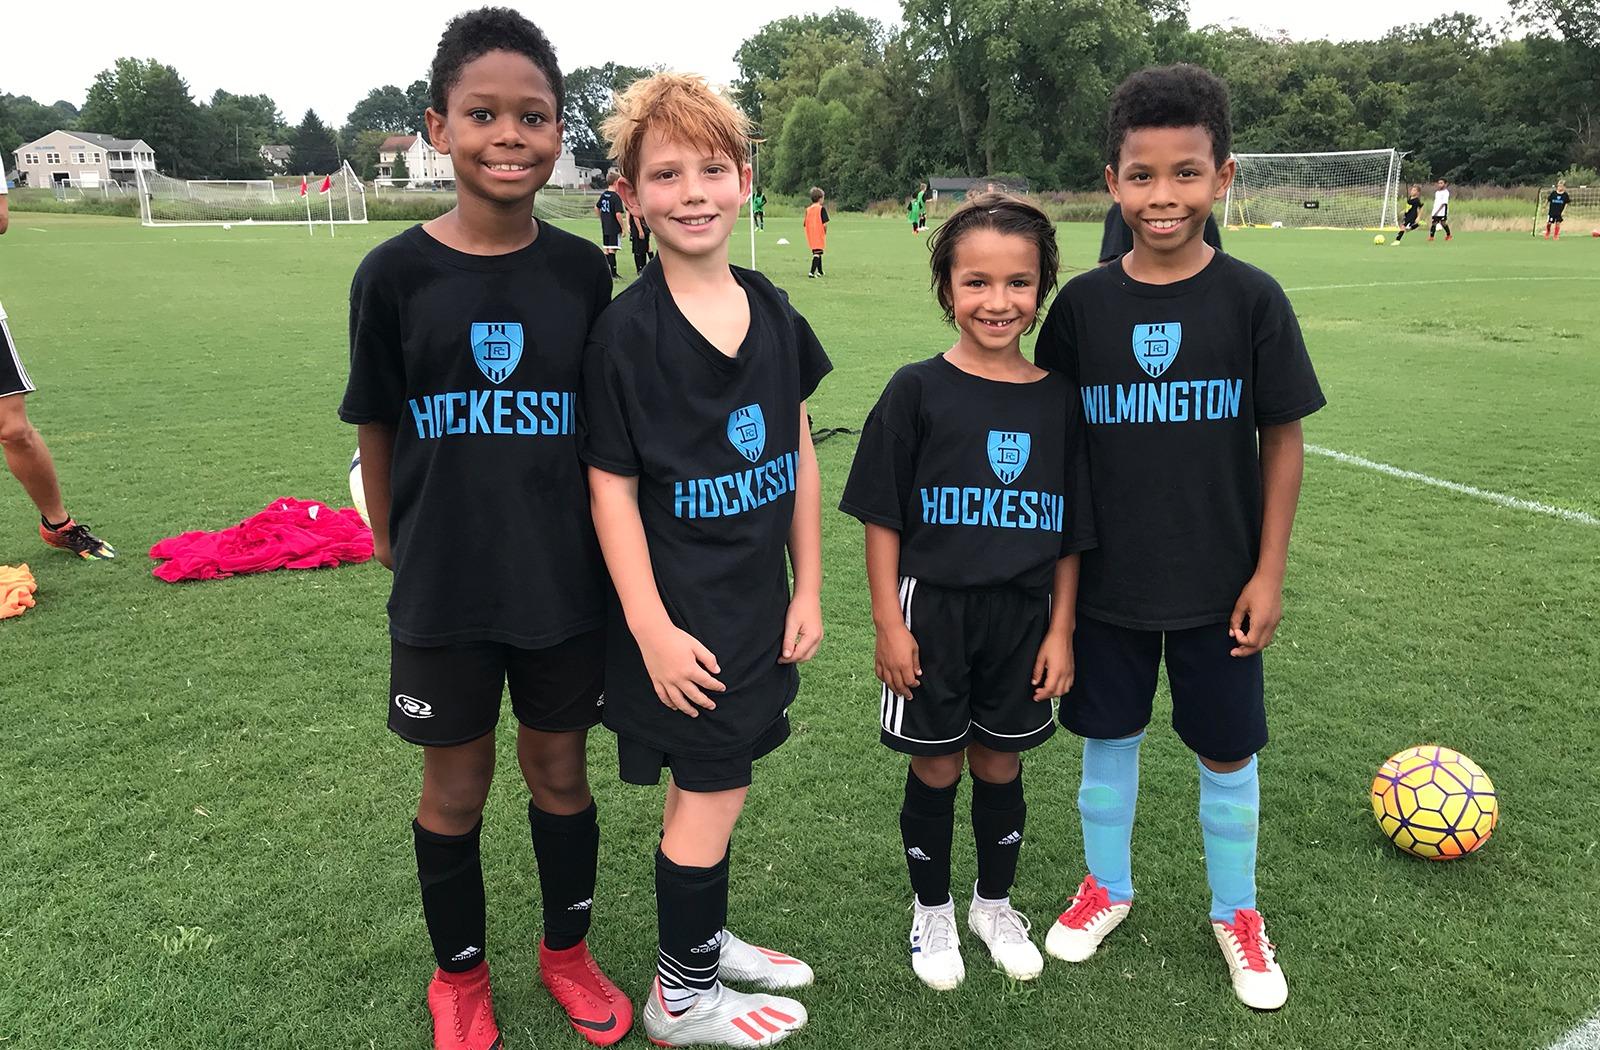 Delaware FC Hockessin and Delaware FC Wilmington Preseason Academy